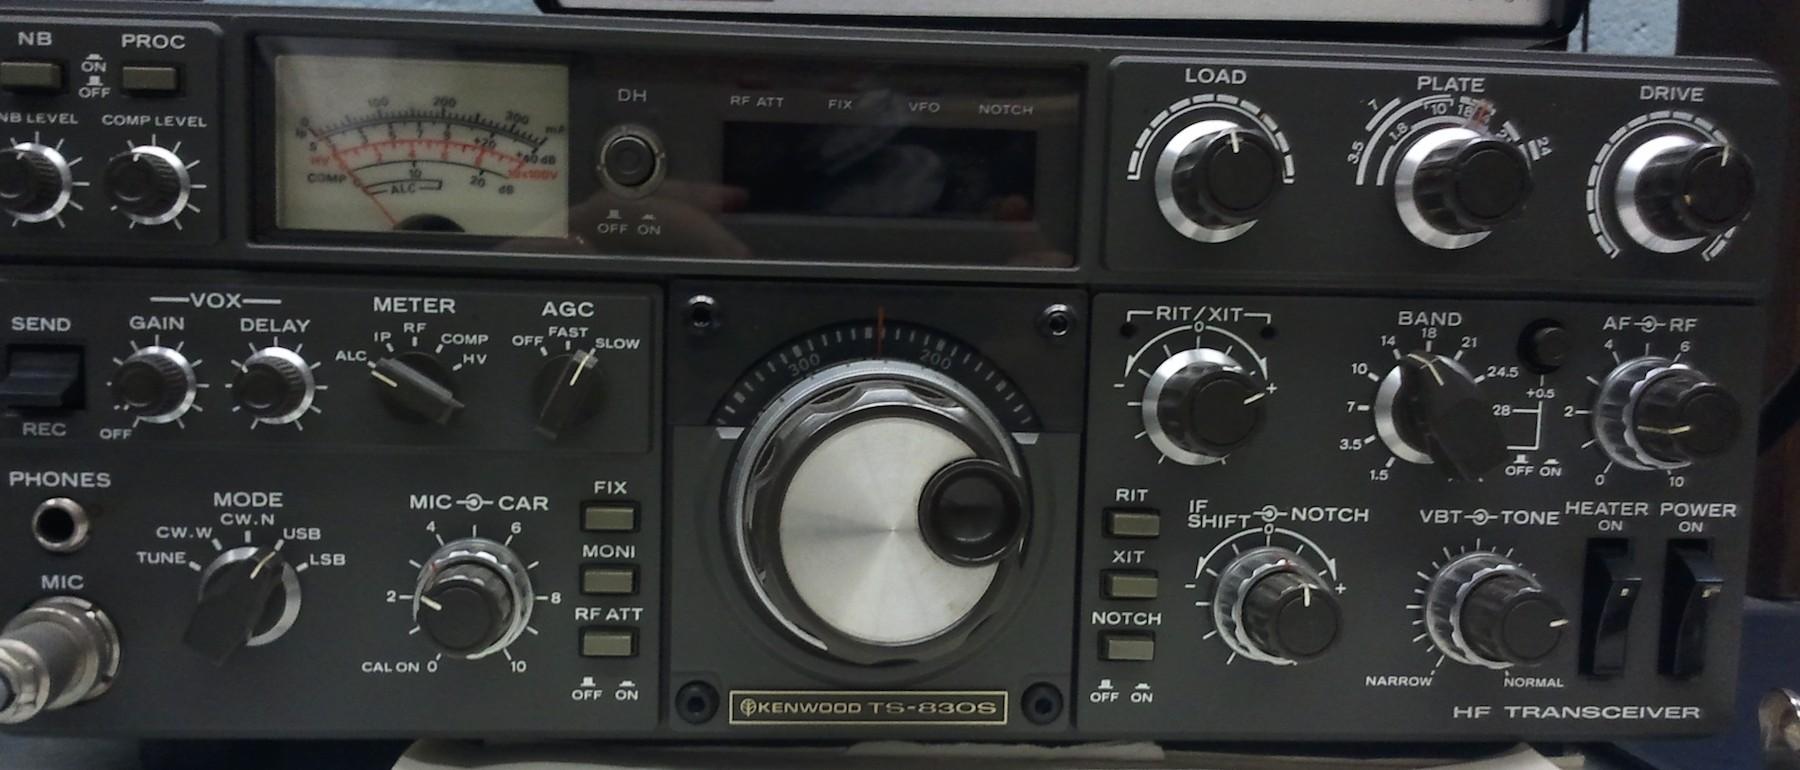 Kenwood TS-830S